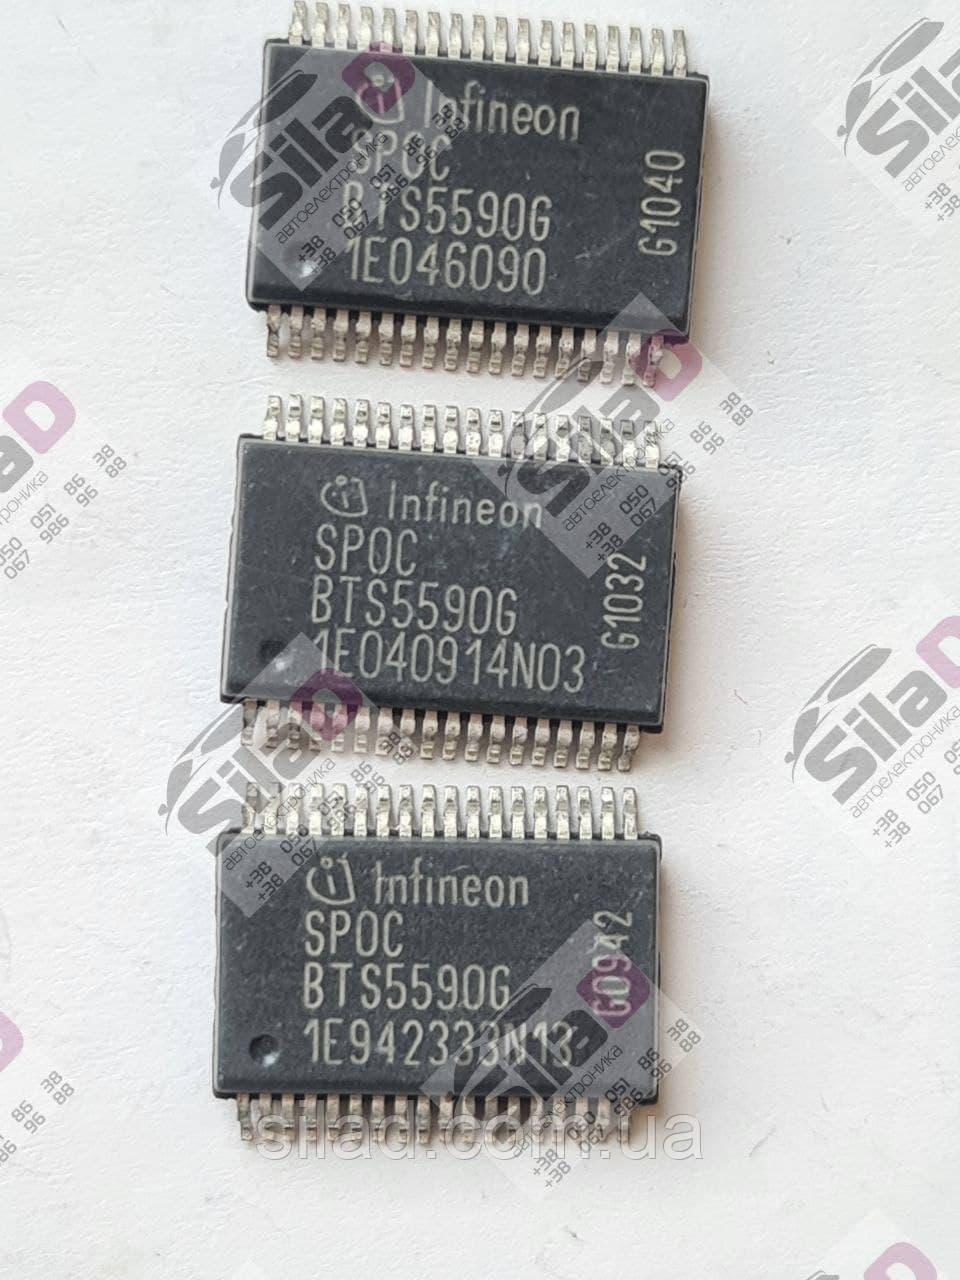 Микросхема BTS5590G Infineon  корпус PG-DSO-36-34